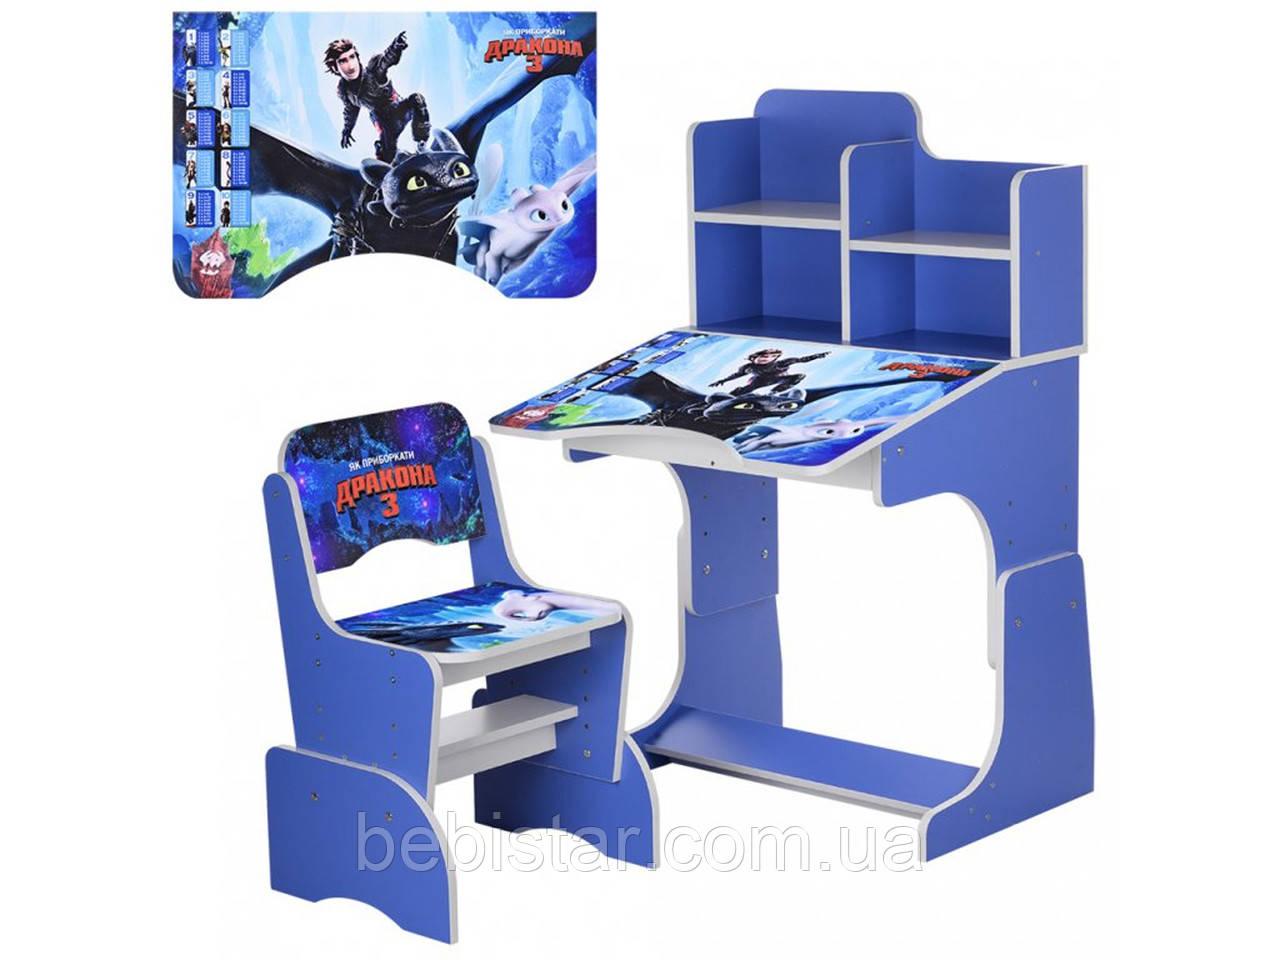 Детская парта синяя со стульчиком Dracon для мальчиков